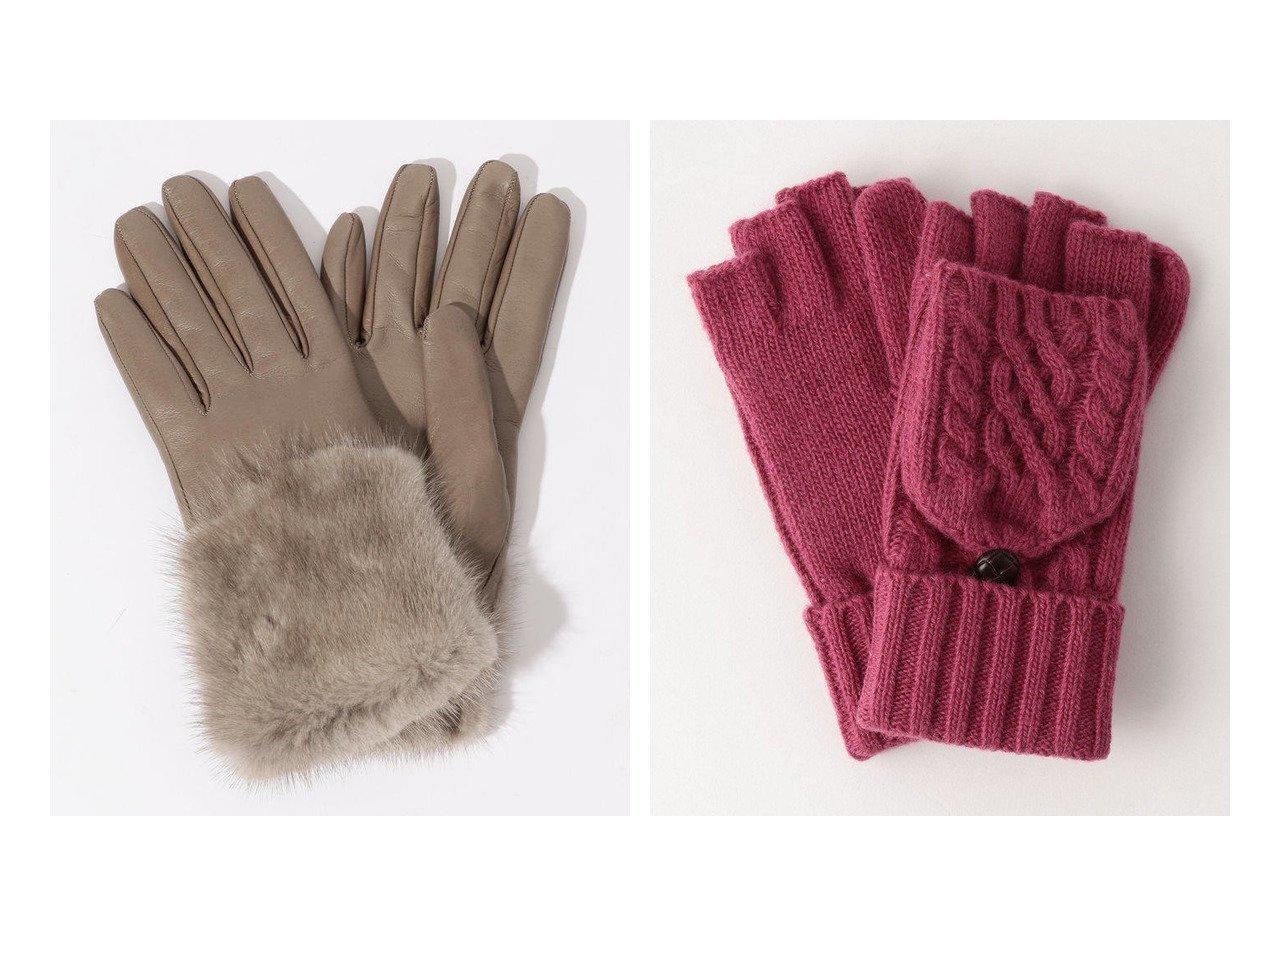 【green label relaxing / UNITED ARROWS/グリーンレーベル リラクシング / ユナイテッドアローズ】のSC ニット フラップ グローブ&【TOMORROWLAND GOODs/トゥモローランド グッズ】のGala Gloves ミンクグローブ おすすめ!人気トレンド・レディースファッションの通販 おすすめで人気のファッション通販商品 インテリア・家具・キッズファッション・メンズファッション・レディースファッション・服の通販 founy(ファニー) https://founy.com/ ファッション Fashion レディース WOMEN 手袋 Gloves A/W 秋冬 Autumn &  Winter イタリア 冬 Winter ダウン ダッフルコート フラップ 防寒 |ID:crp329100000006637